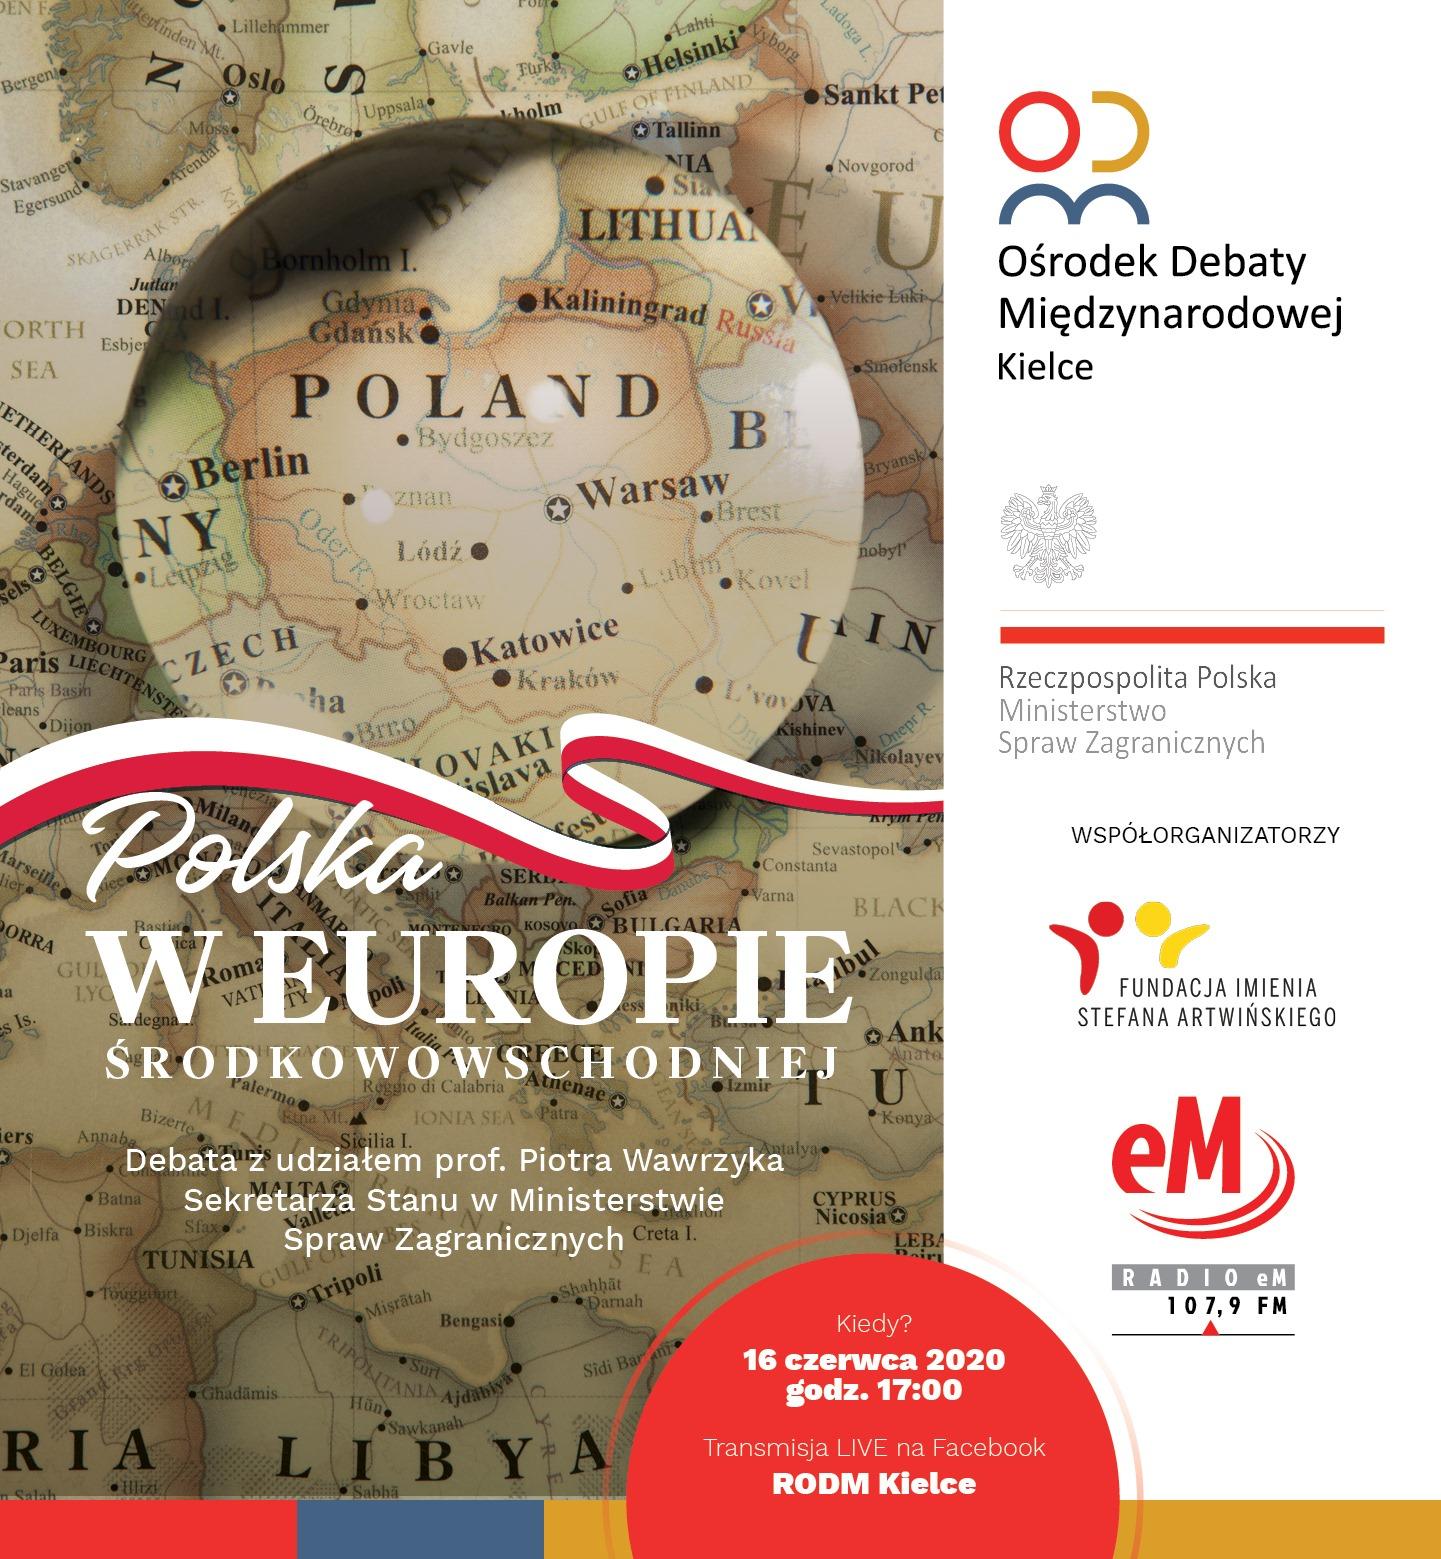 Polska w Europie Środkowowschodniej